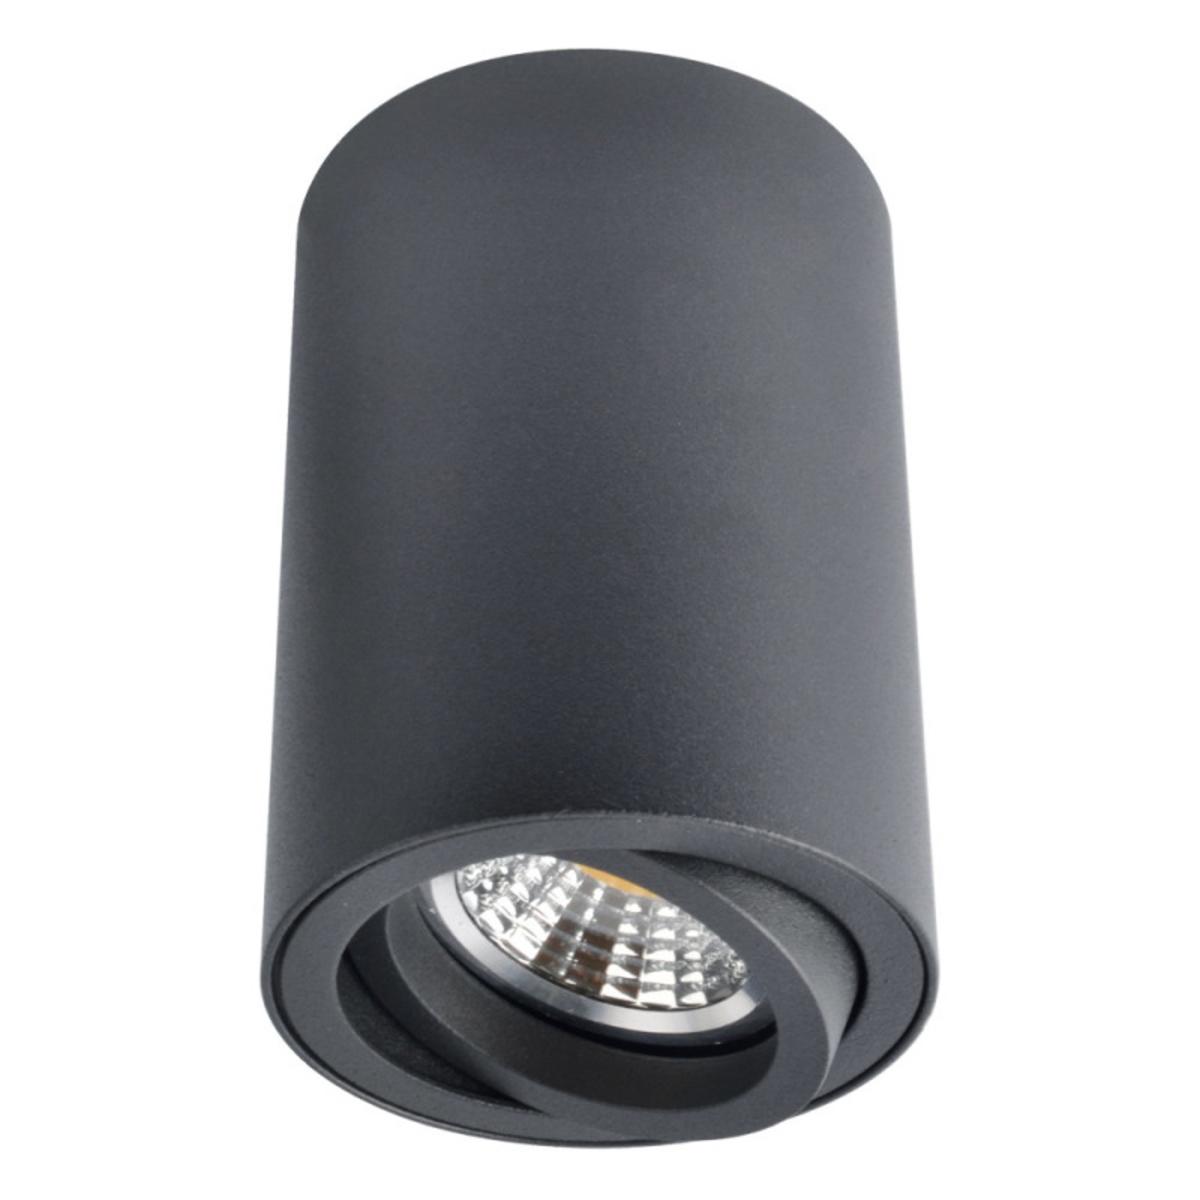 Купить Накладной светильник SENTRY Накладной светильник ARTE Lamp A1560PL-1BK (14726), HomeMe